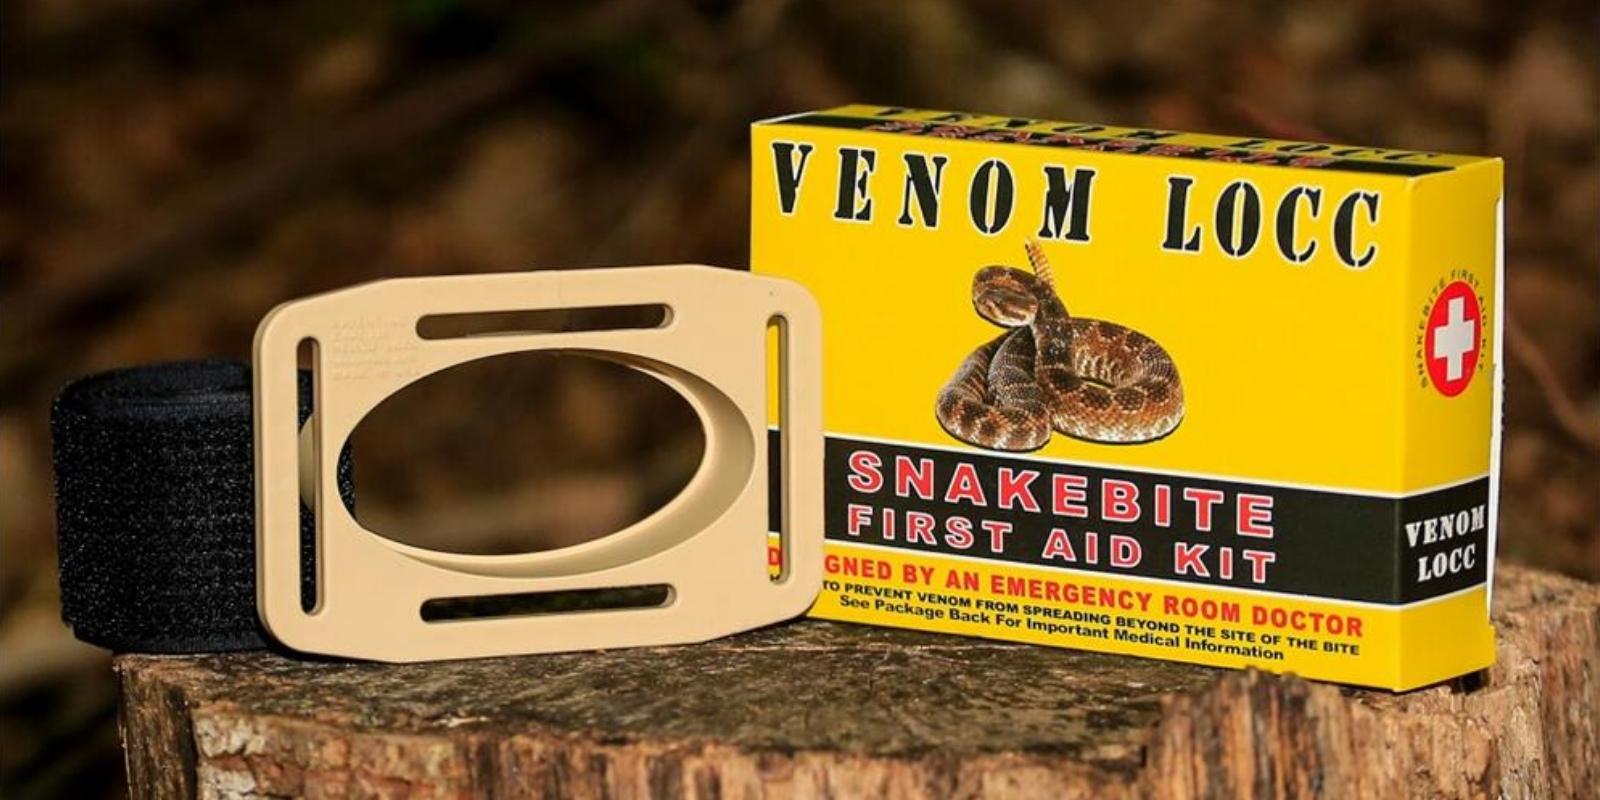 Venom LOCC snake bite kit